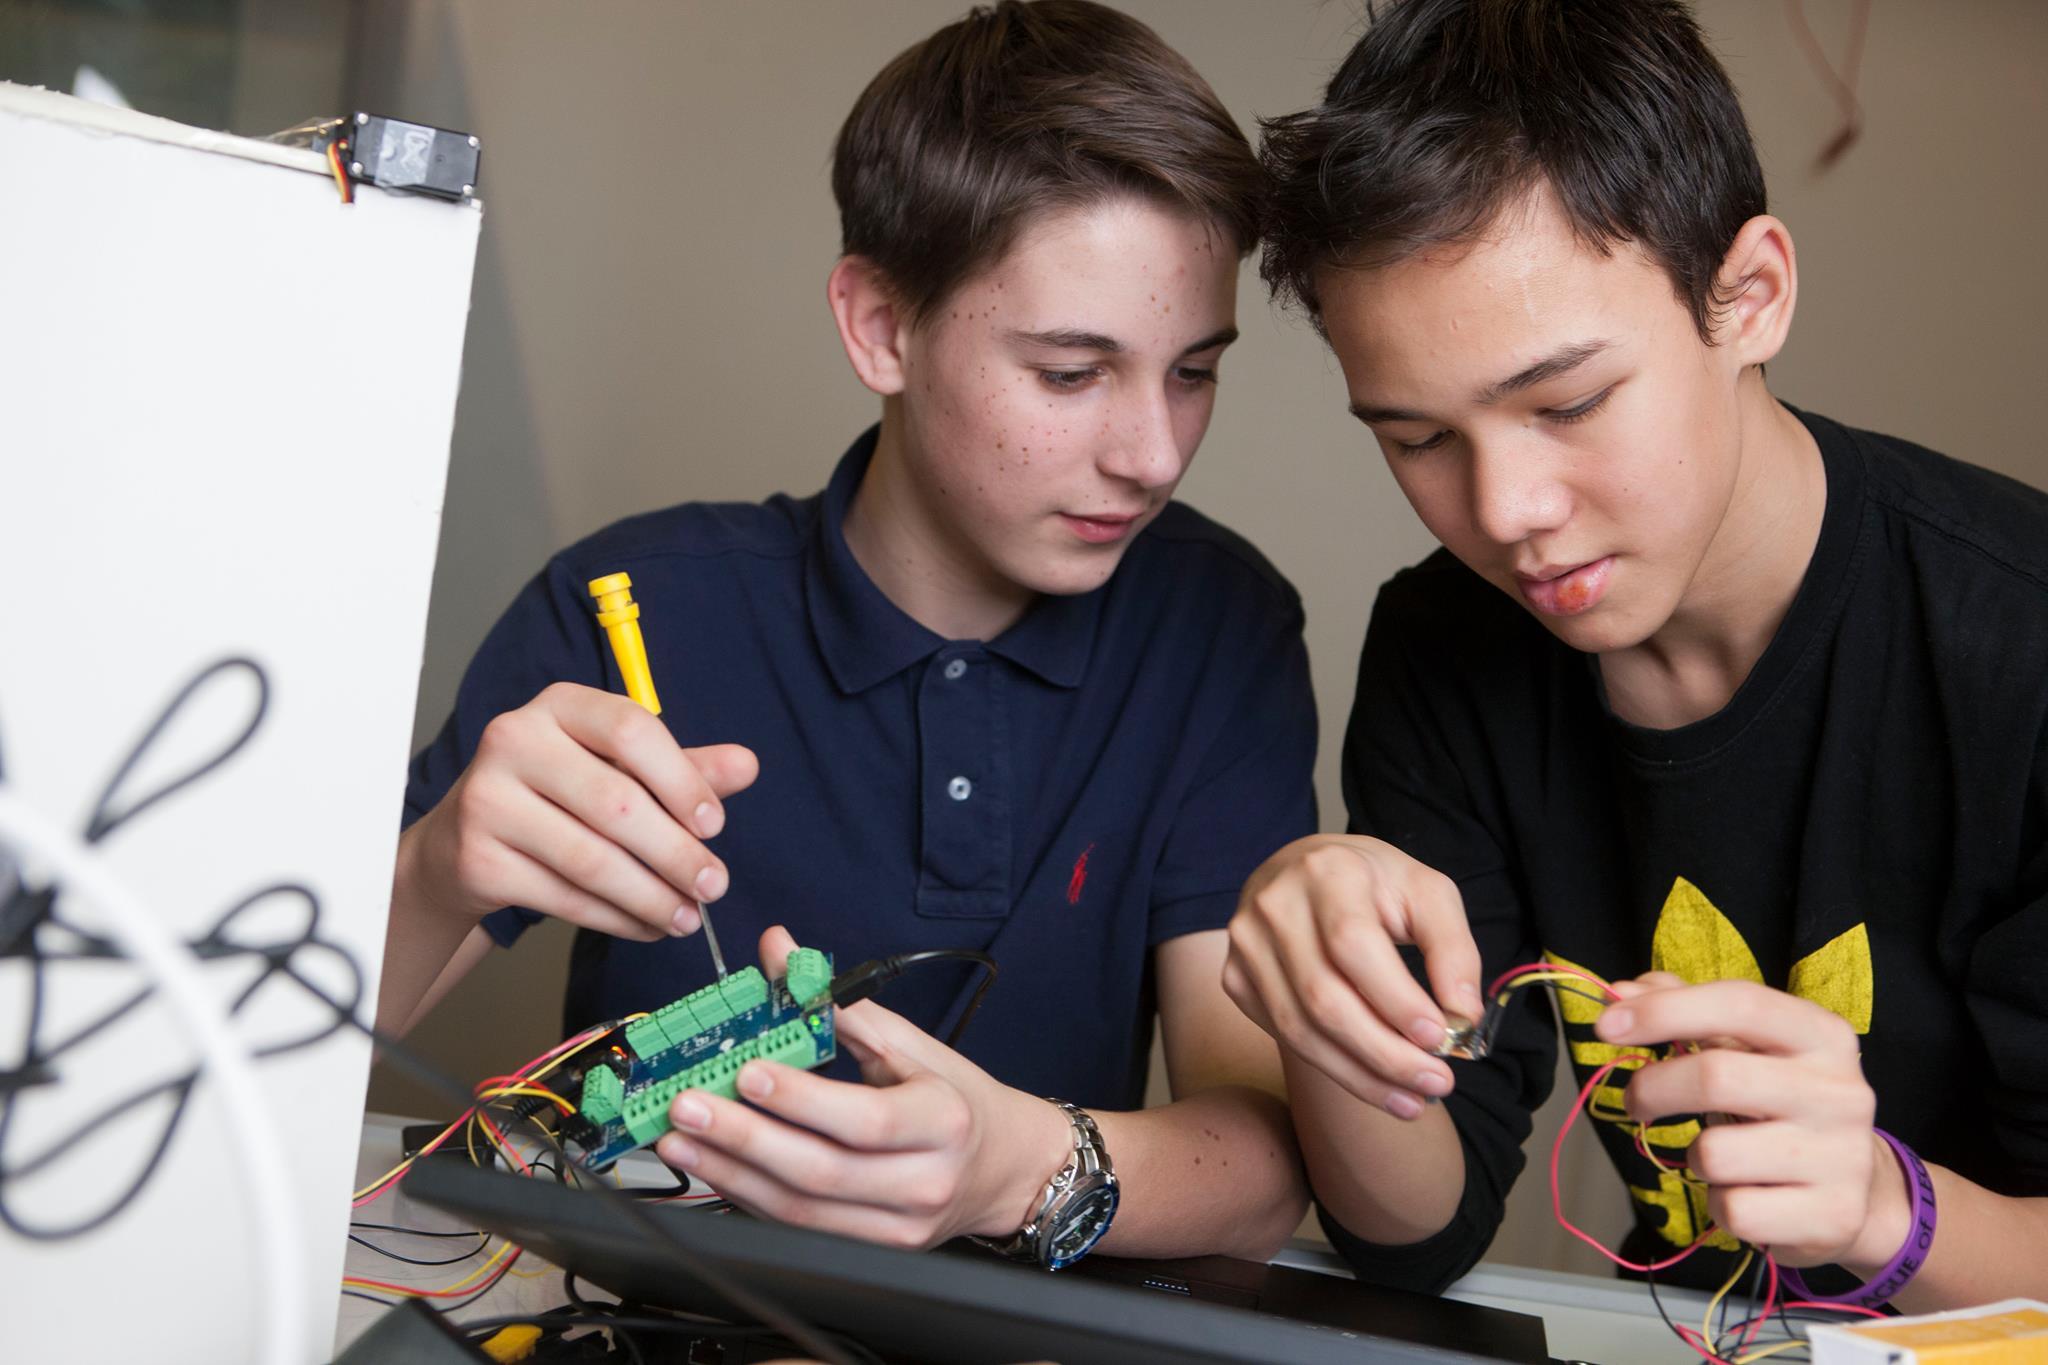 Learning Tech Lab giver muligheder for børn i alle aldre